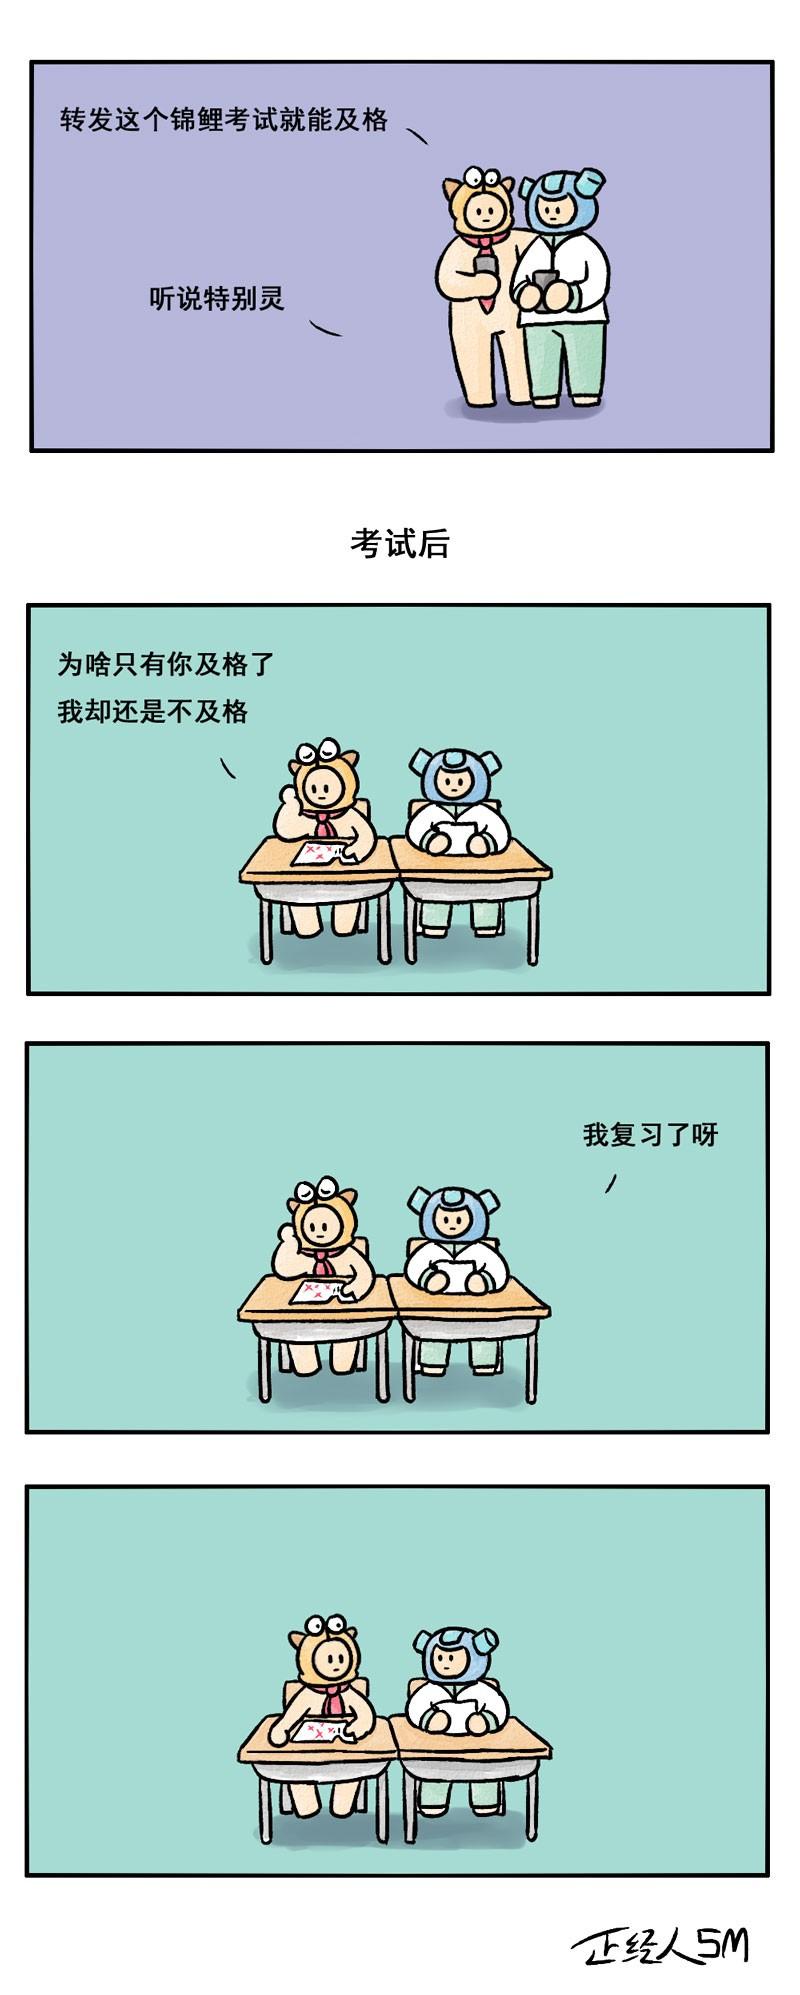 [db:简介]